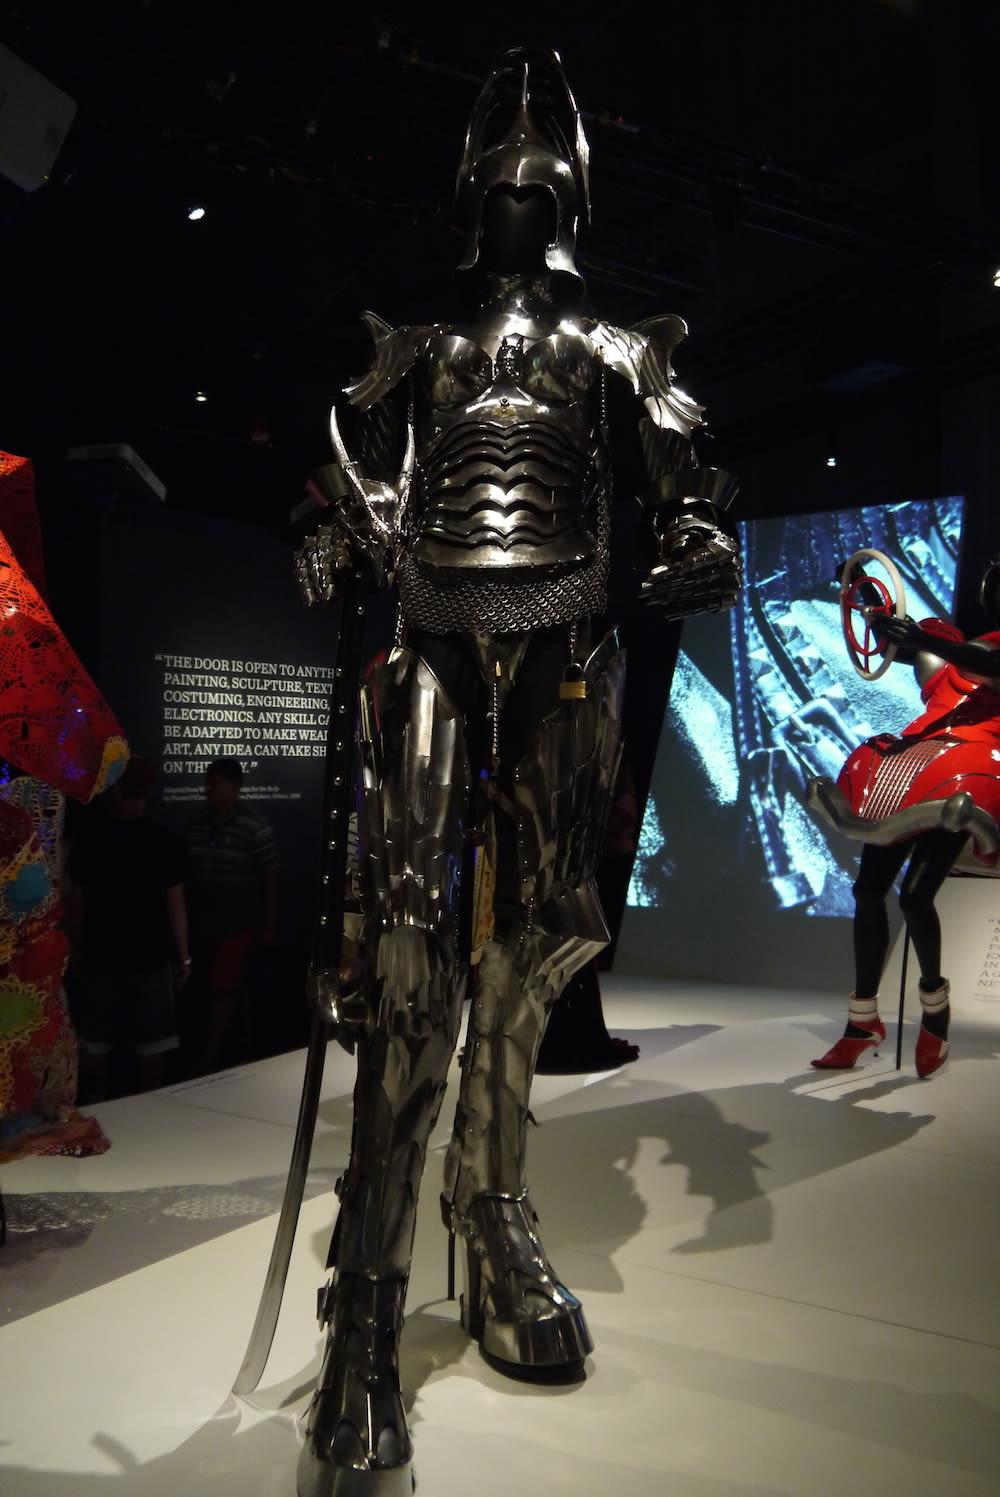 Wearableart armor jqfnpw